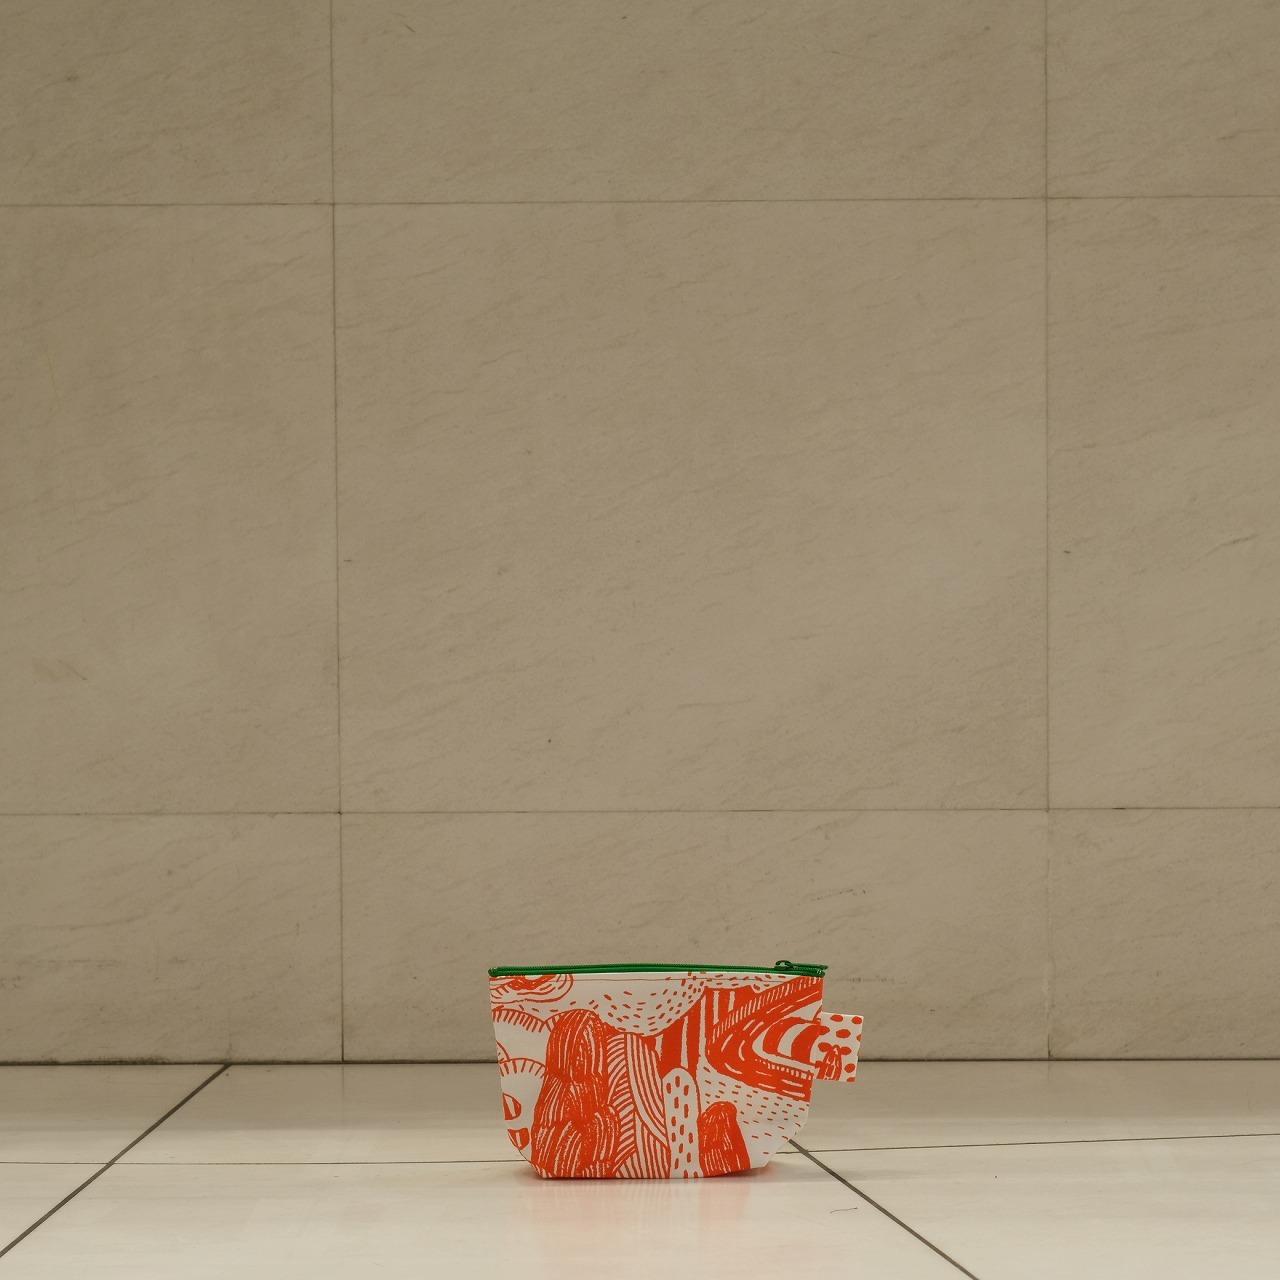 炭酸デザイン室 オンライン展示会 マチポーチM_d0182409_16523955.jpg